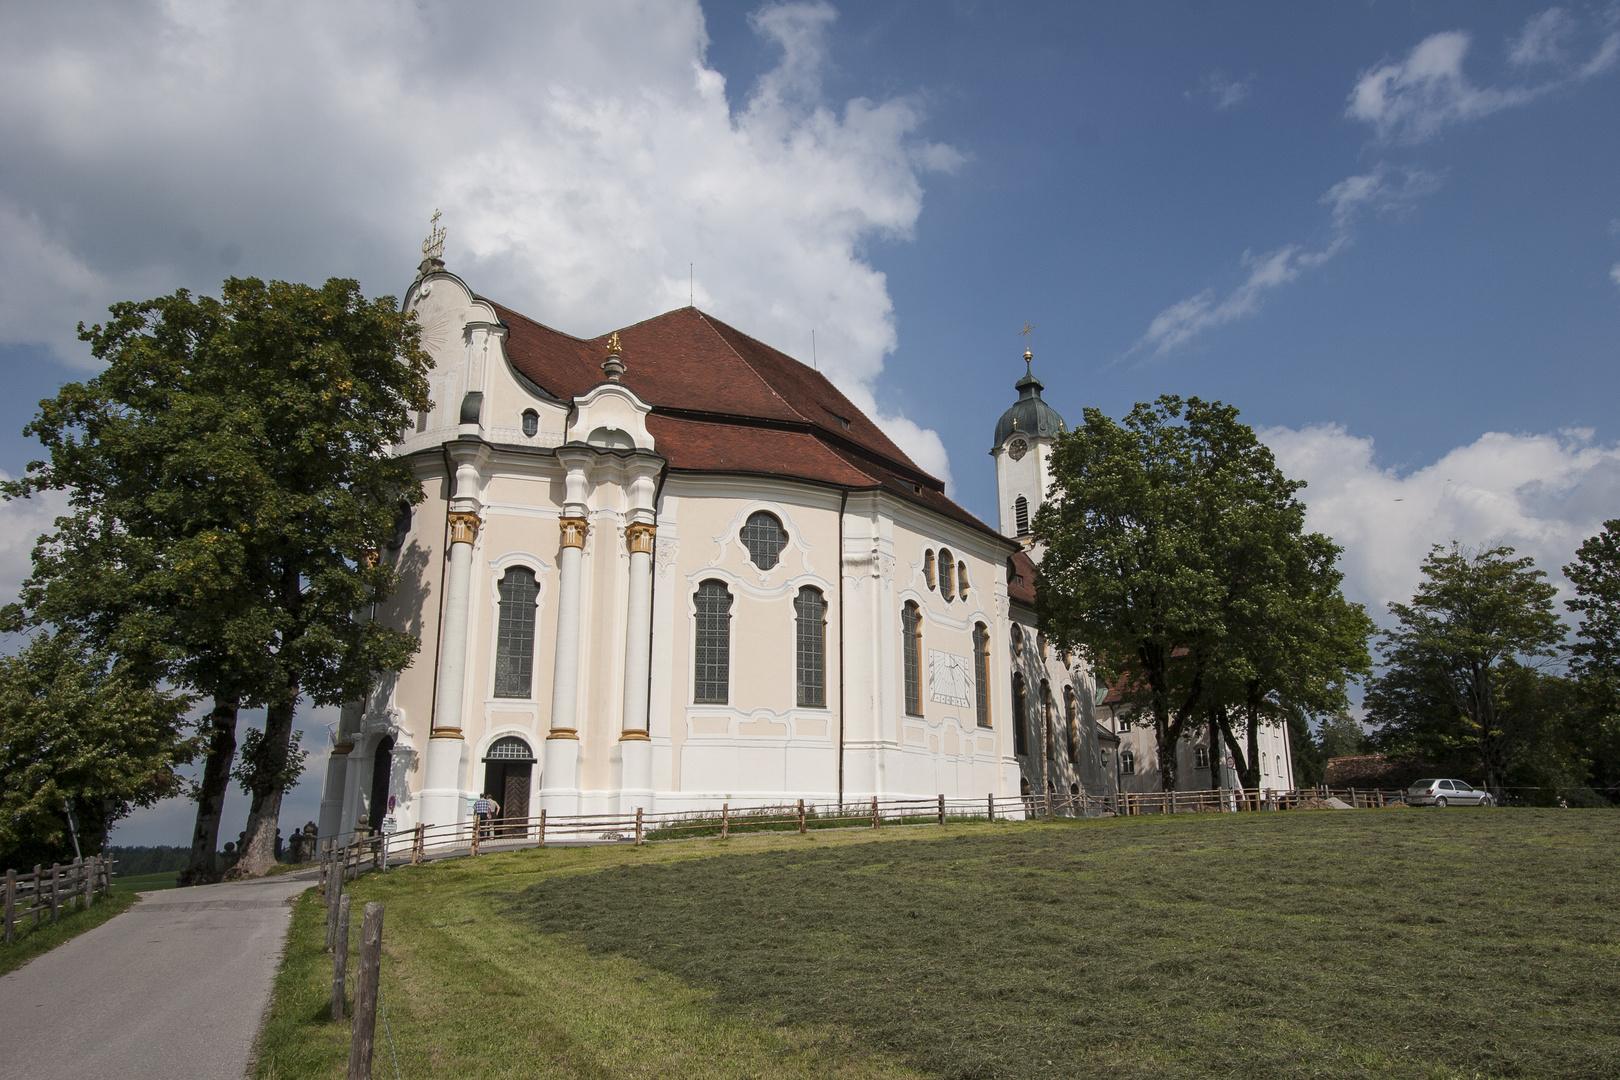 85 - Wieskirche im Pfaffenwinkel